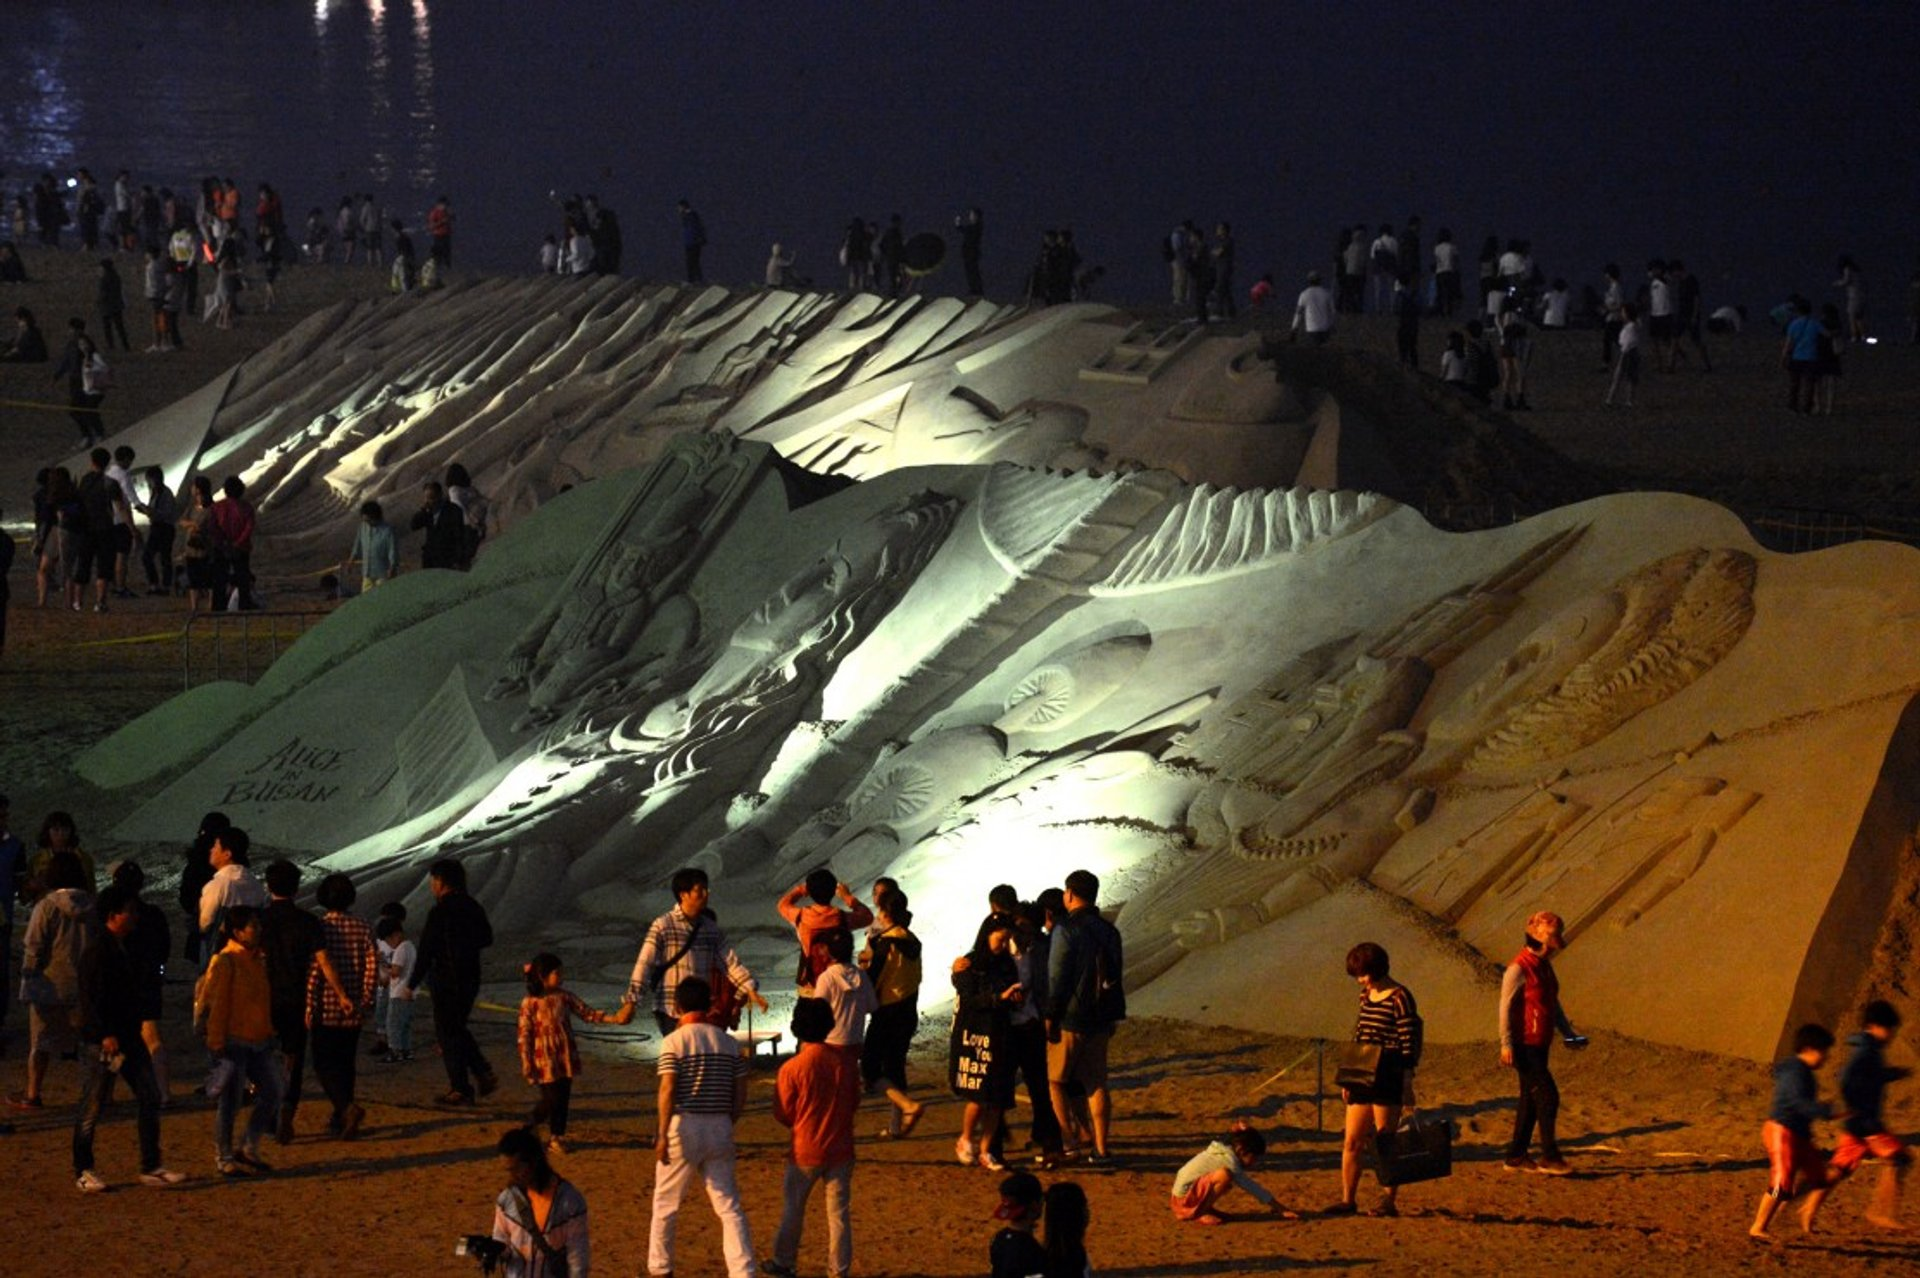 Best time for Haeundae Sand Festival 2020